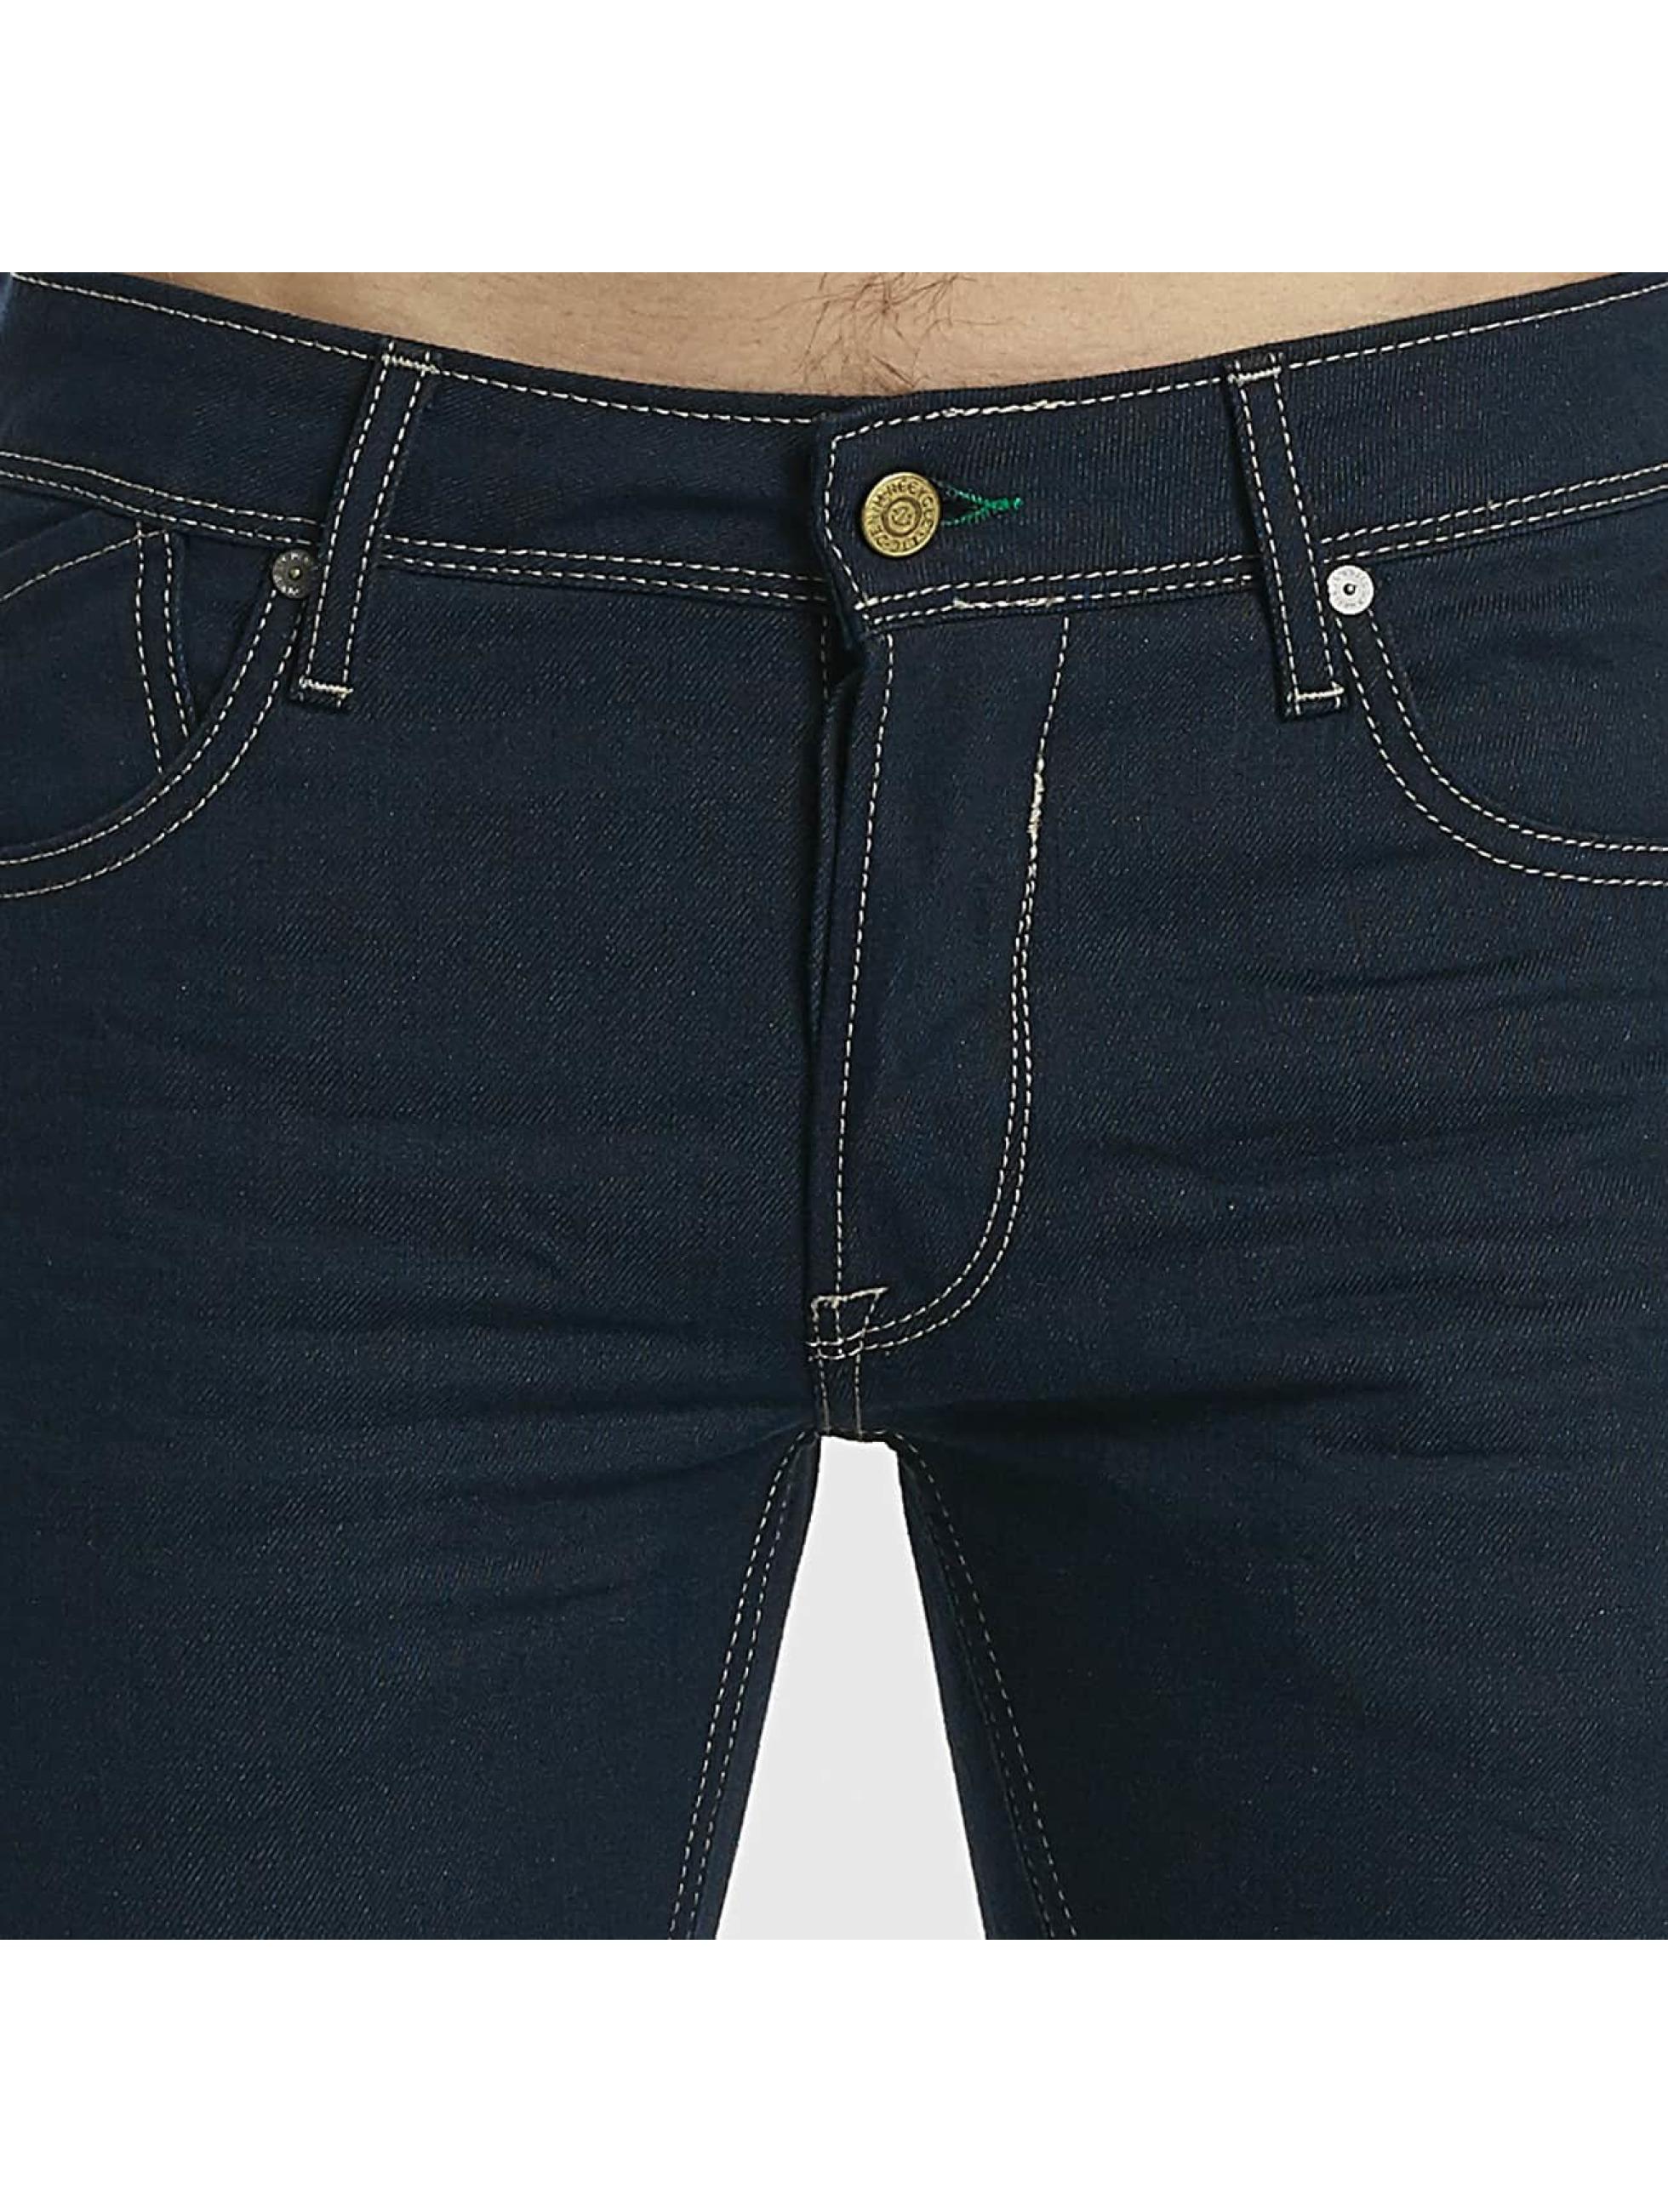 Le Temps Des Cerises Straight Fit Jeans 700/11 Recycled blau